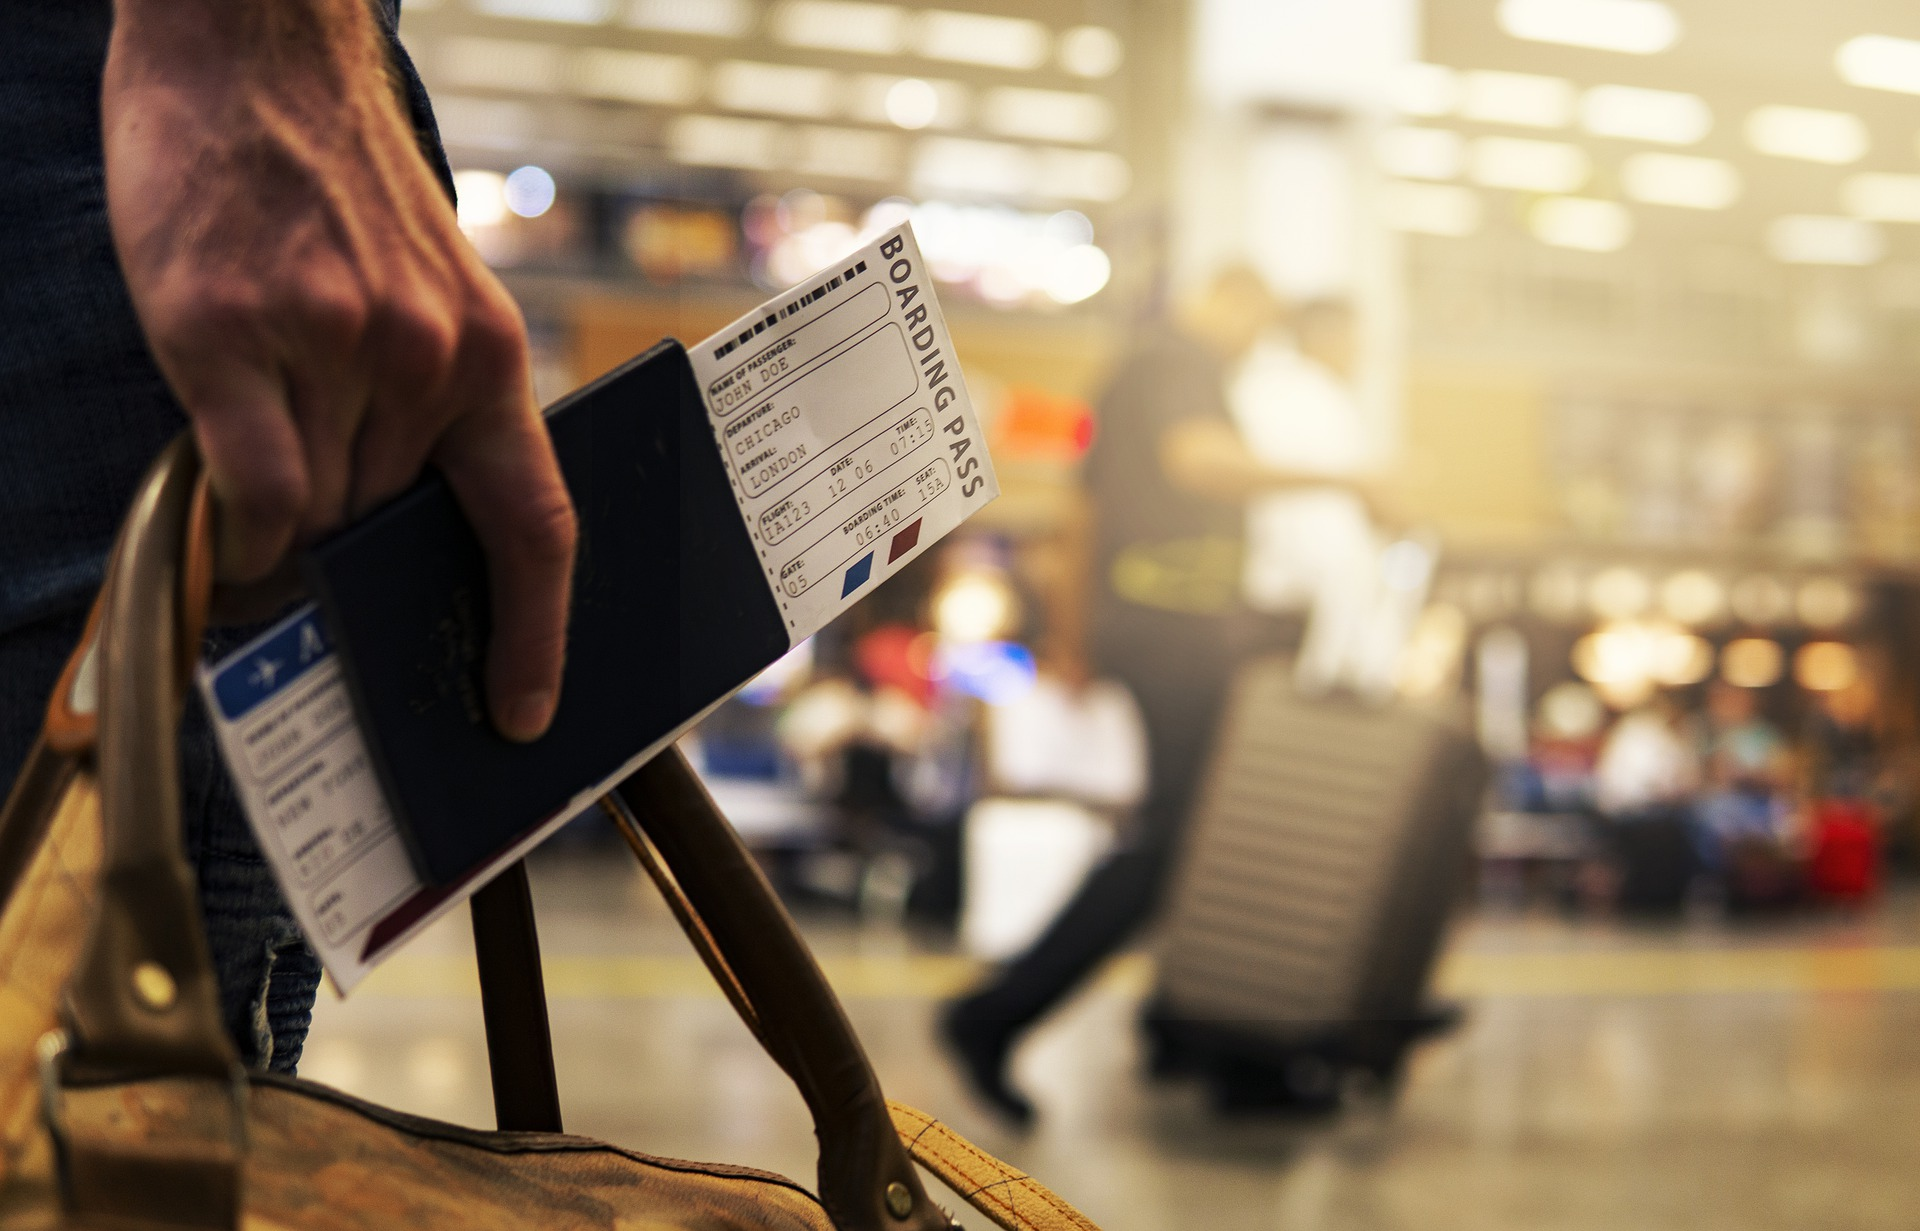 passaportes mais poderosos 2021 aeroporto